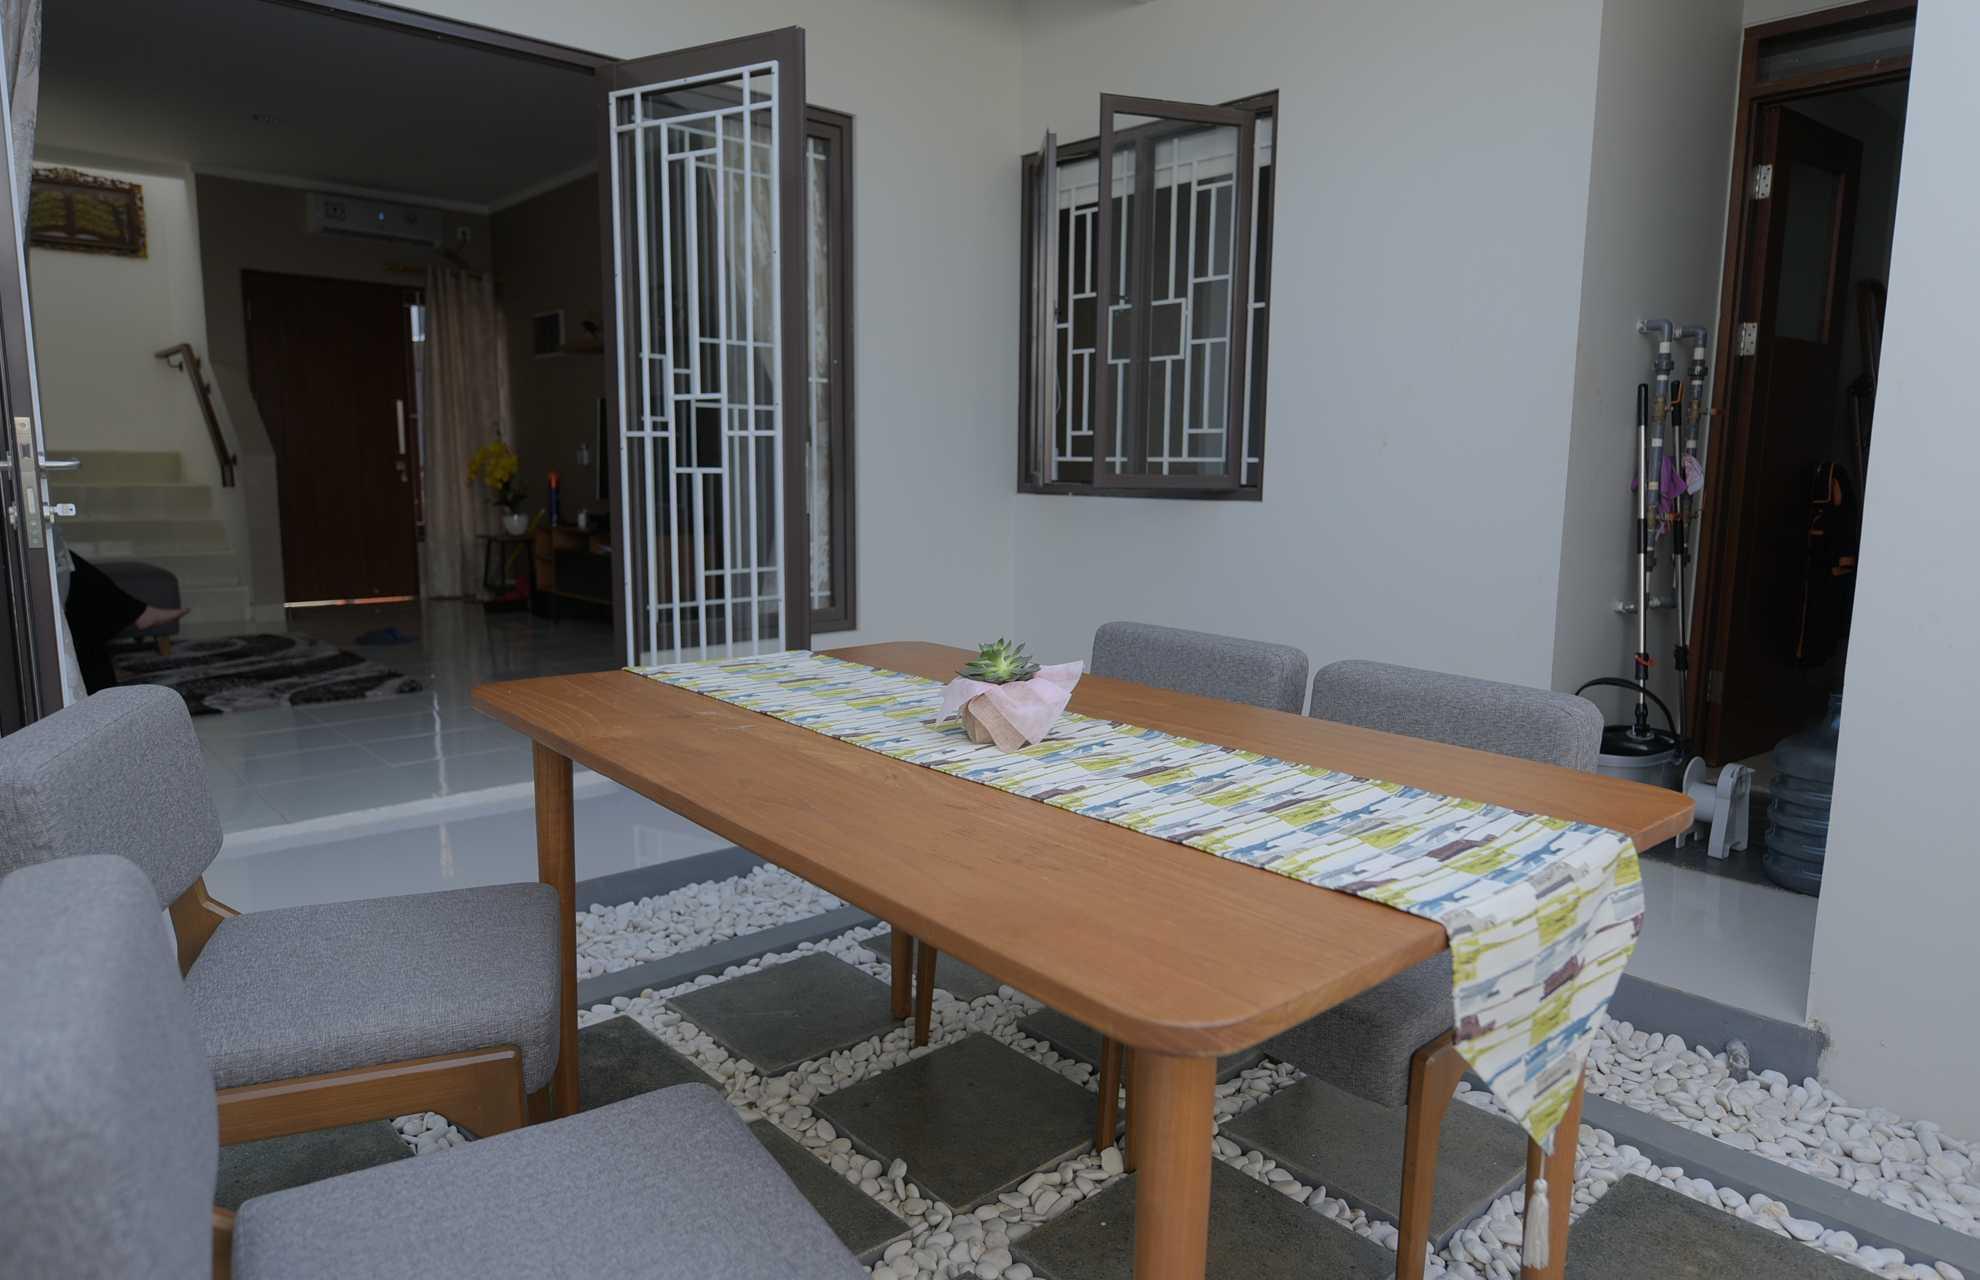 Foto inspirasi ide desain ruang makan skandinavia Dining room oleh Home by Fabelio.com di Arsitag